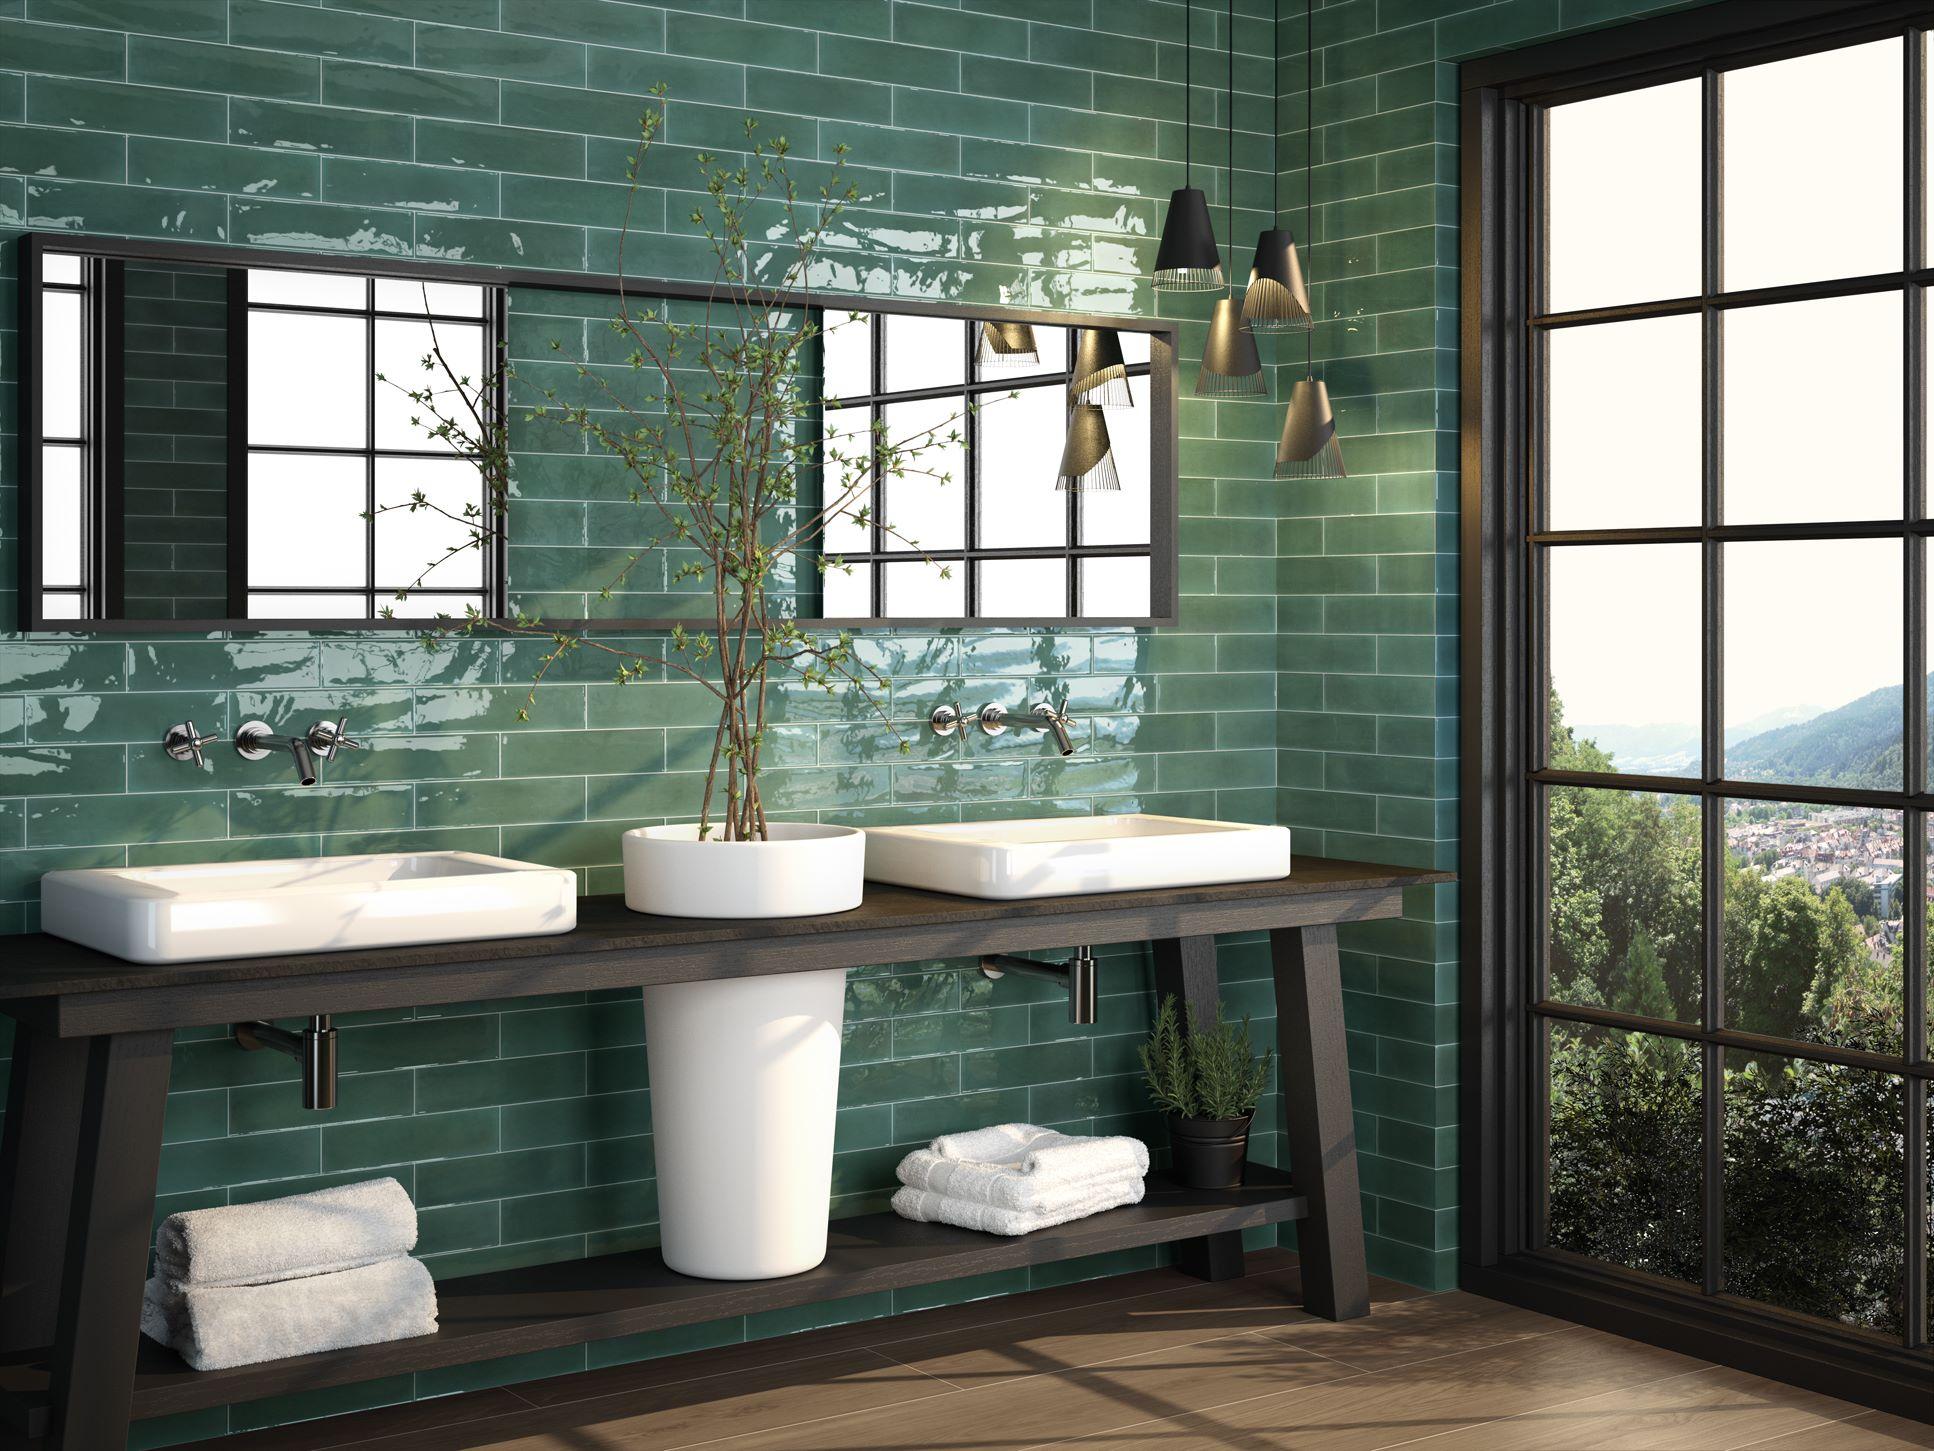 opal crystal tile. Black Bedroom Furniture Sets. Home Design Ideas